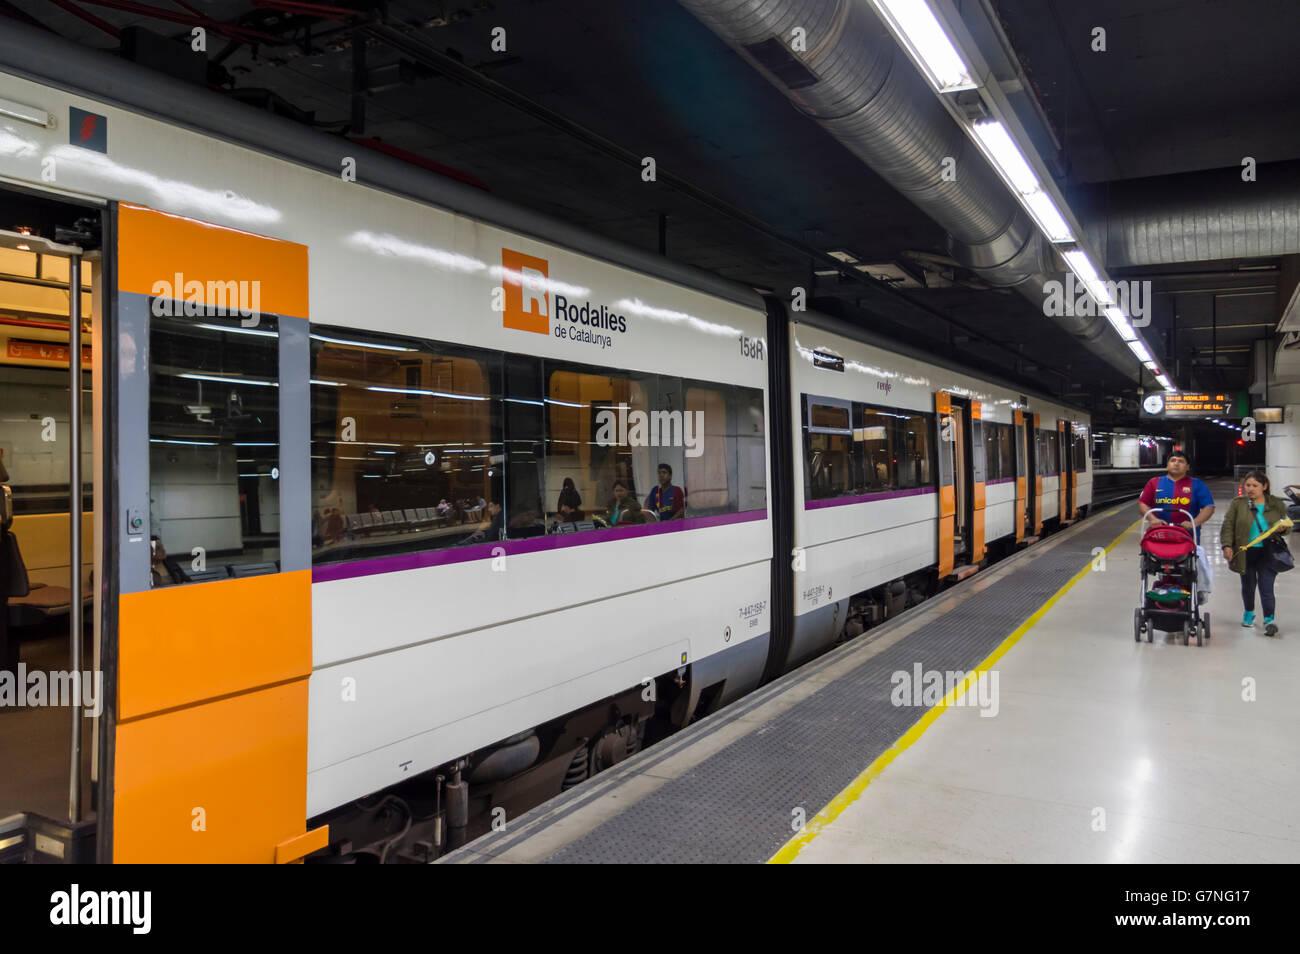 Regionalzug der Rodalies de Catalunya an einem unterirdischen Bahnhof. Barcelona, Katalonien, Spanien. Stockbild